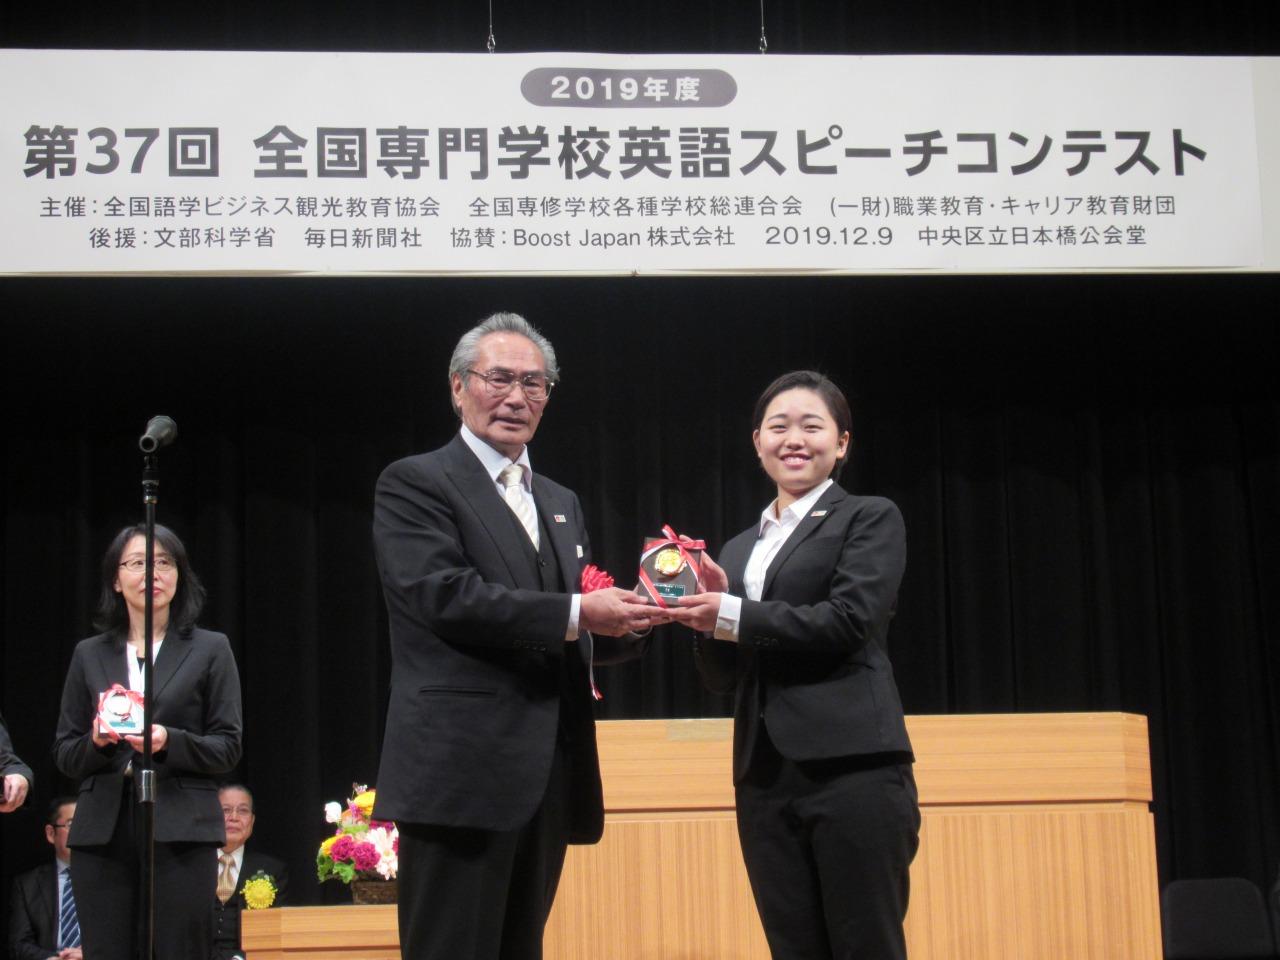 参加賞を受け取る向さんと石塚理事長